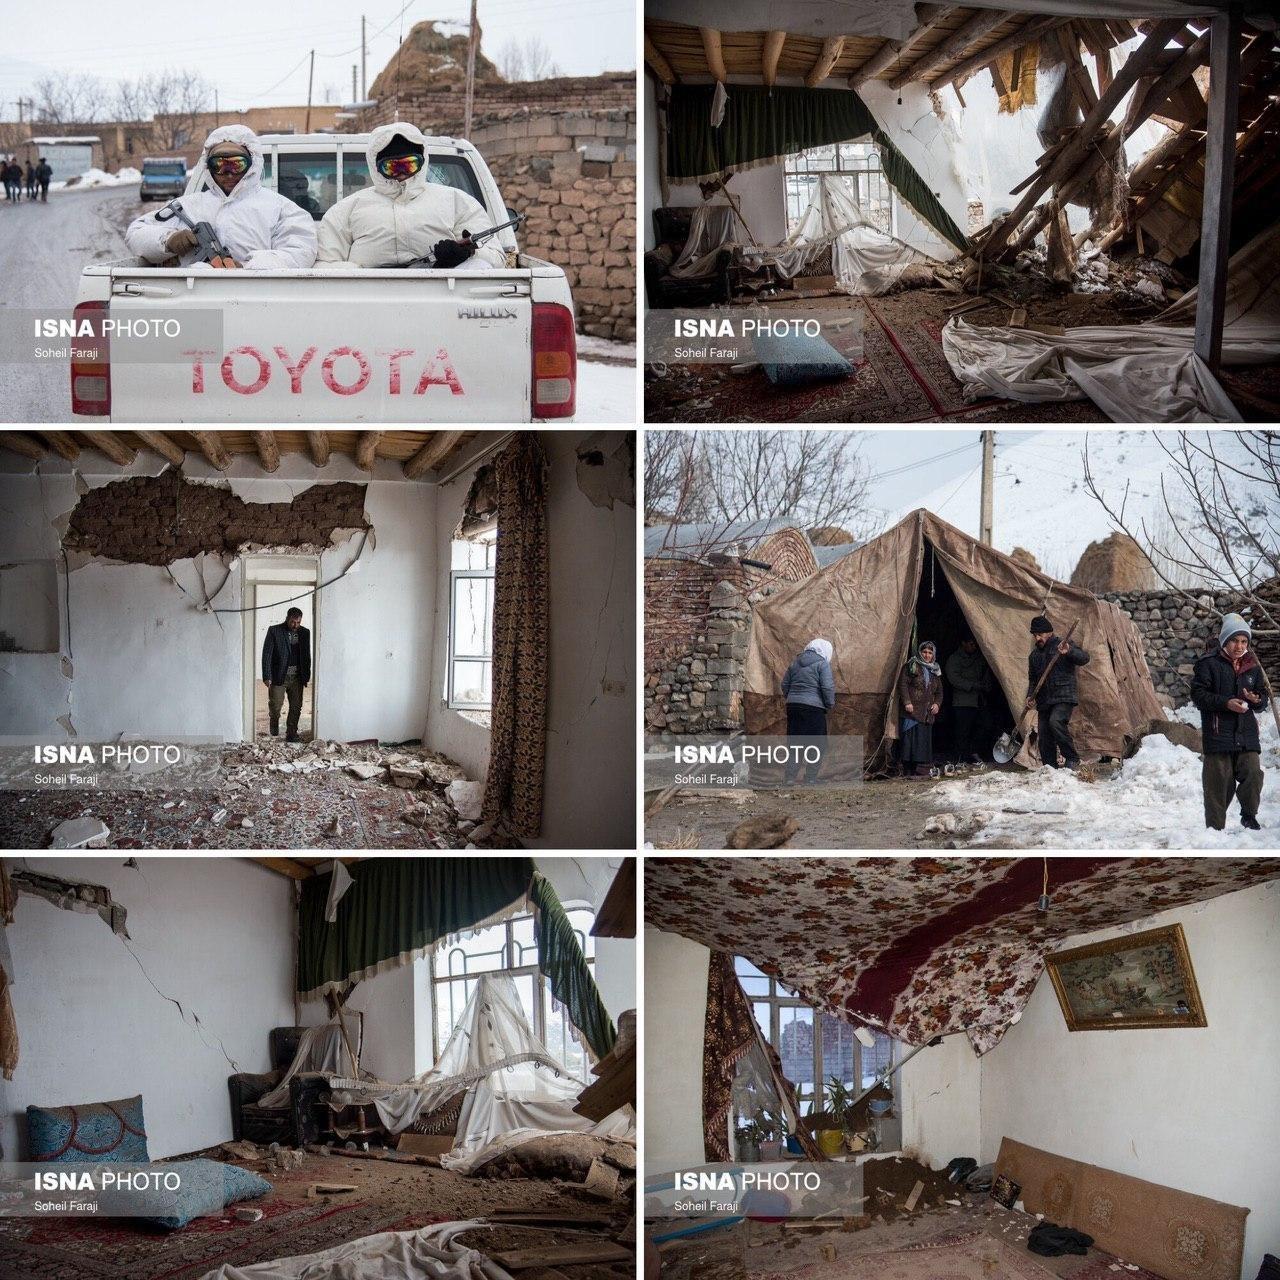 تصاویر: زمین لرزه ۵.۷ ریشتری در بخش قطور، استان آذربایجان غربی